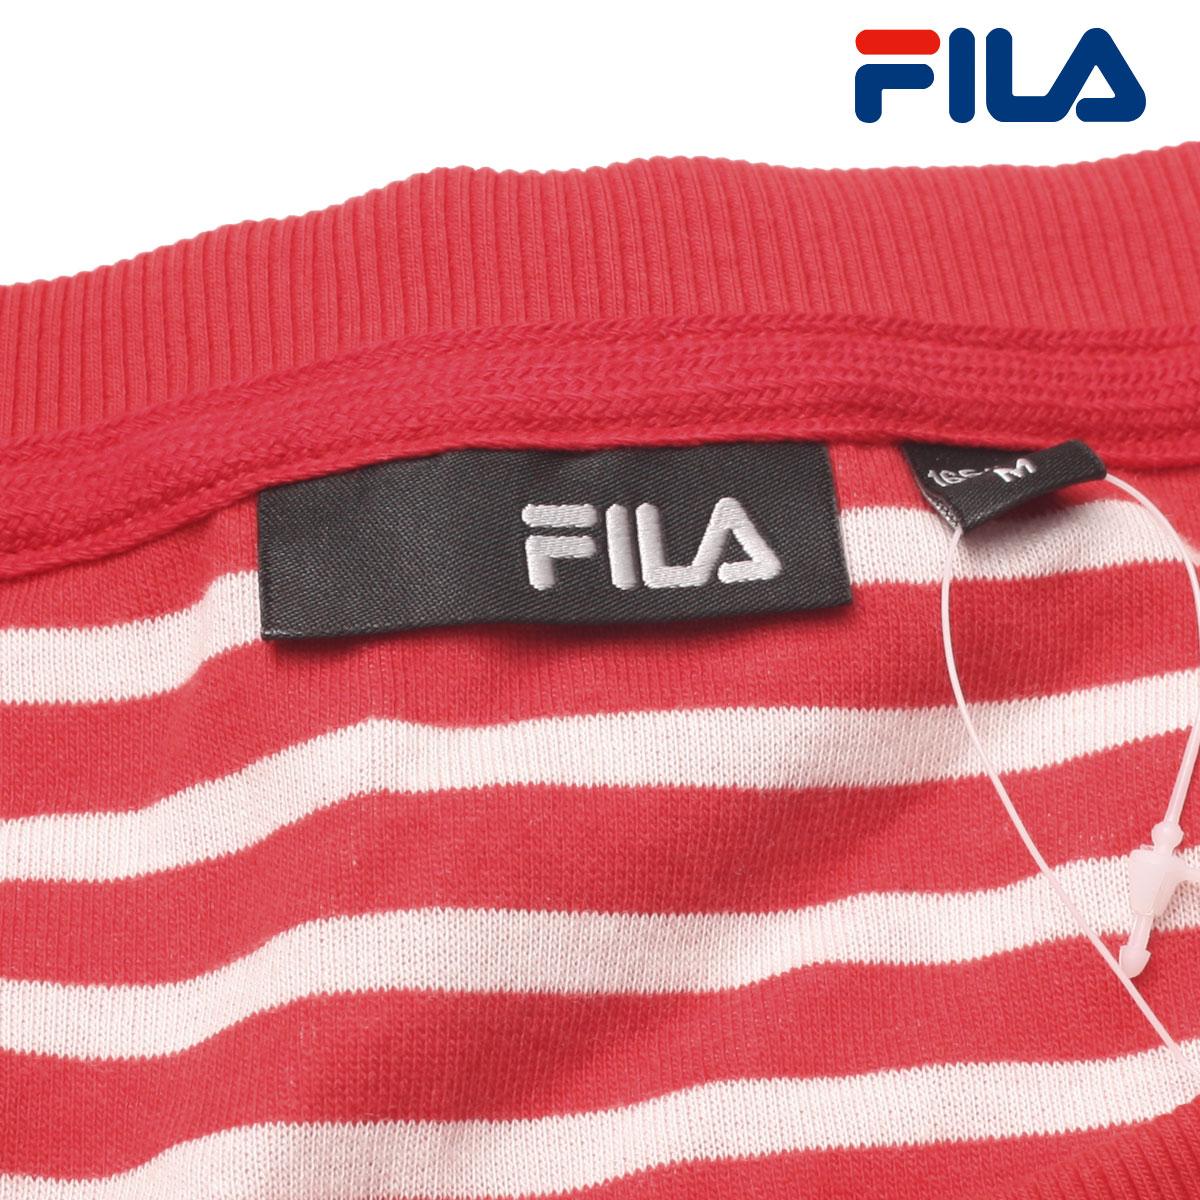 Спортивная толстовка Fila 5042101/2 5042101-2 Женские Осень 2010